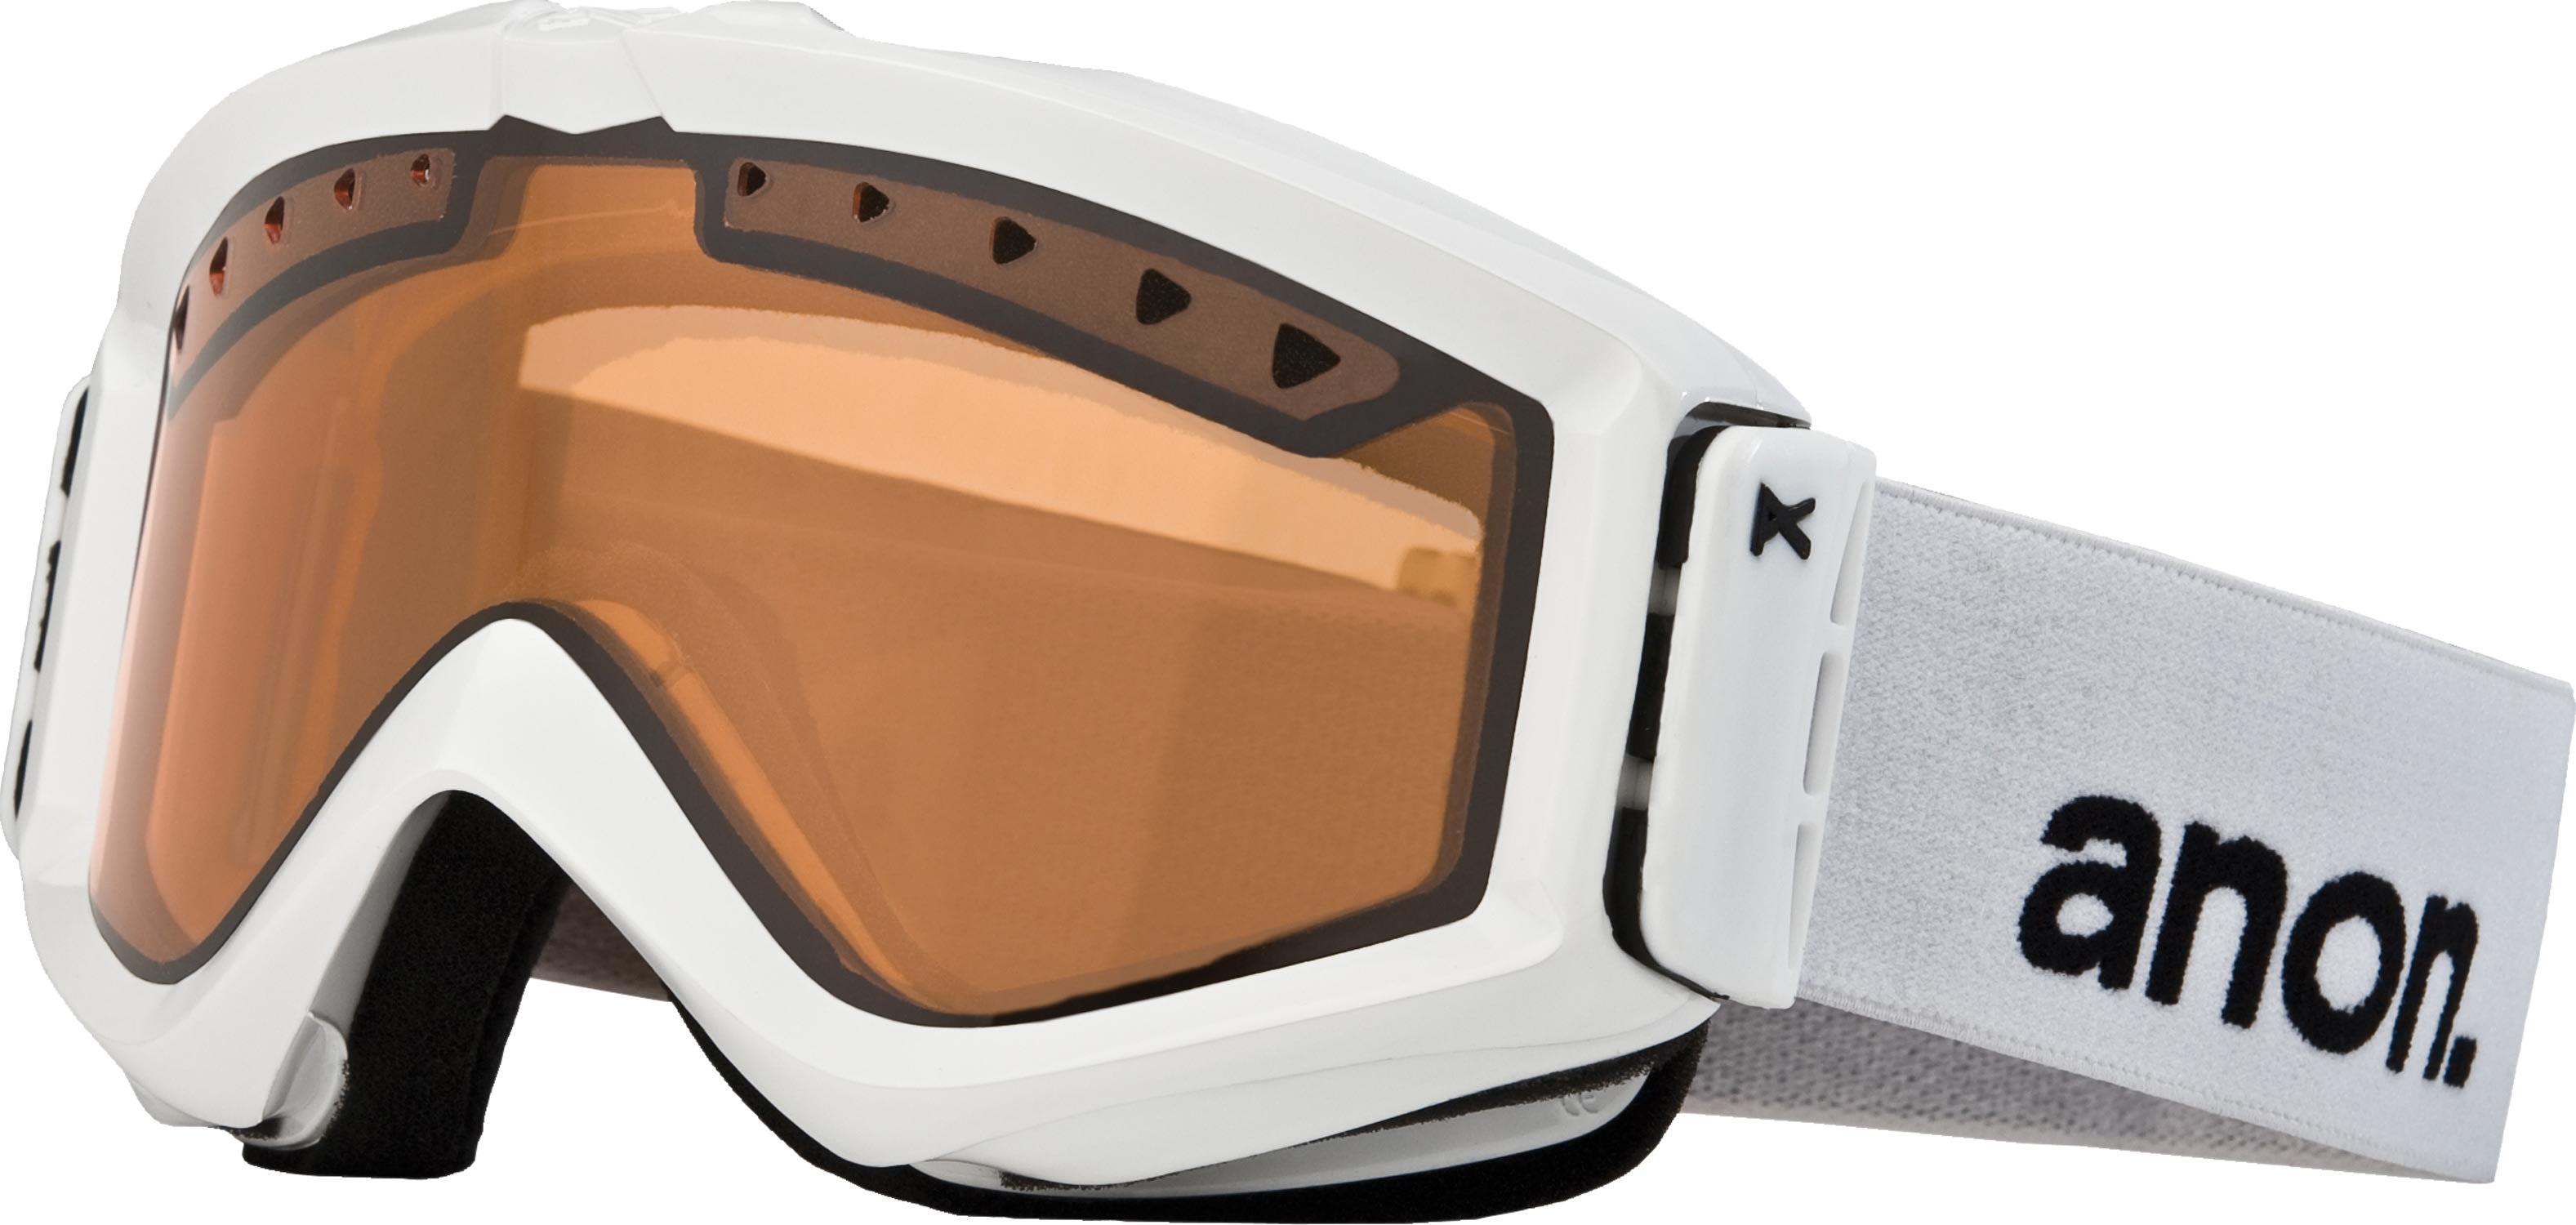 snowboard goggles isgh  snowboard goggles